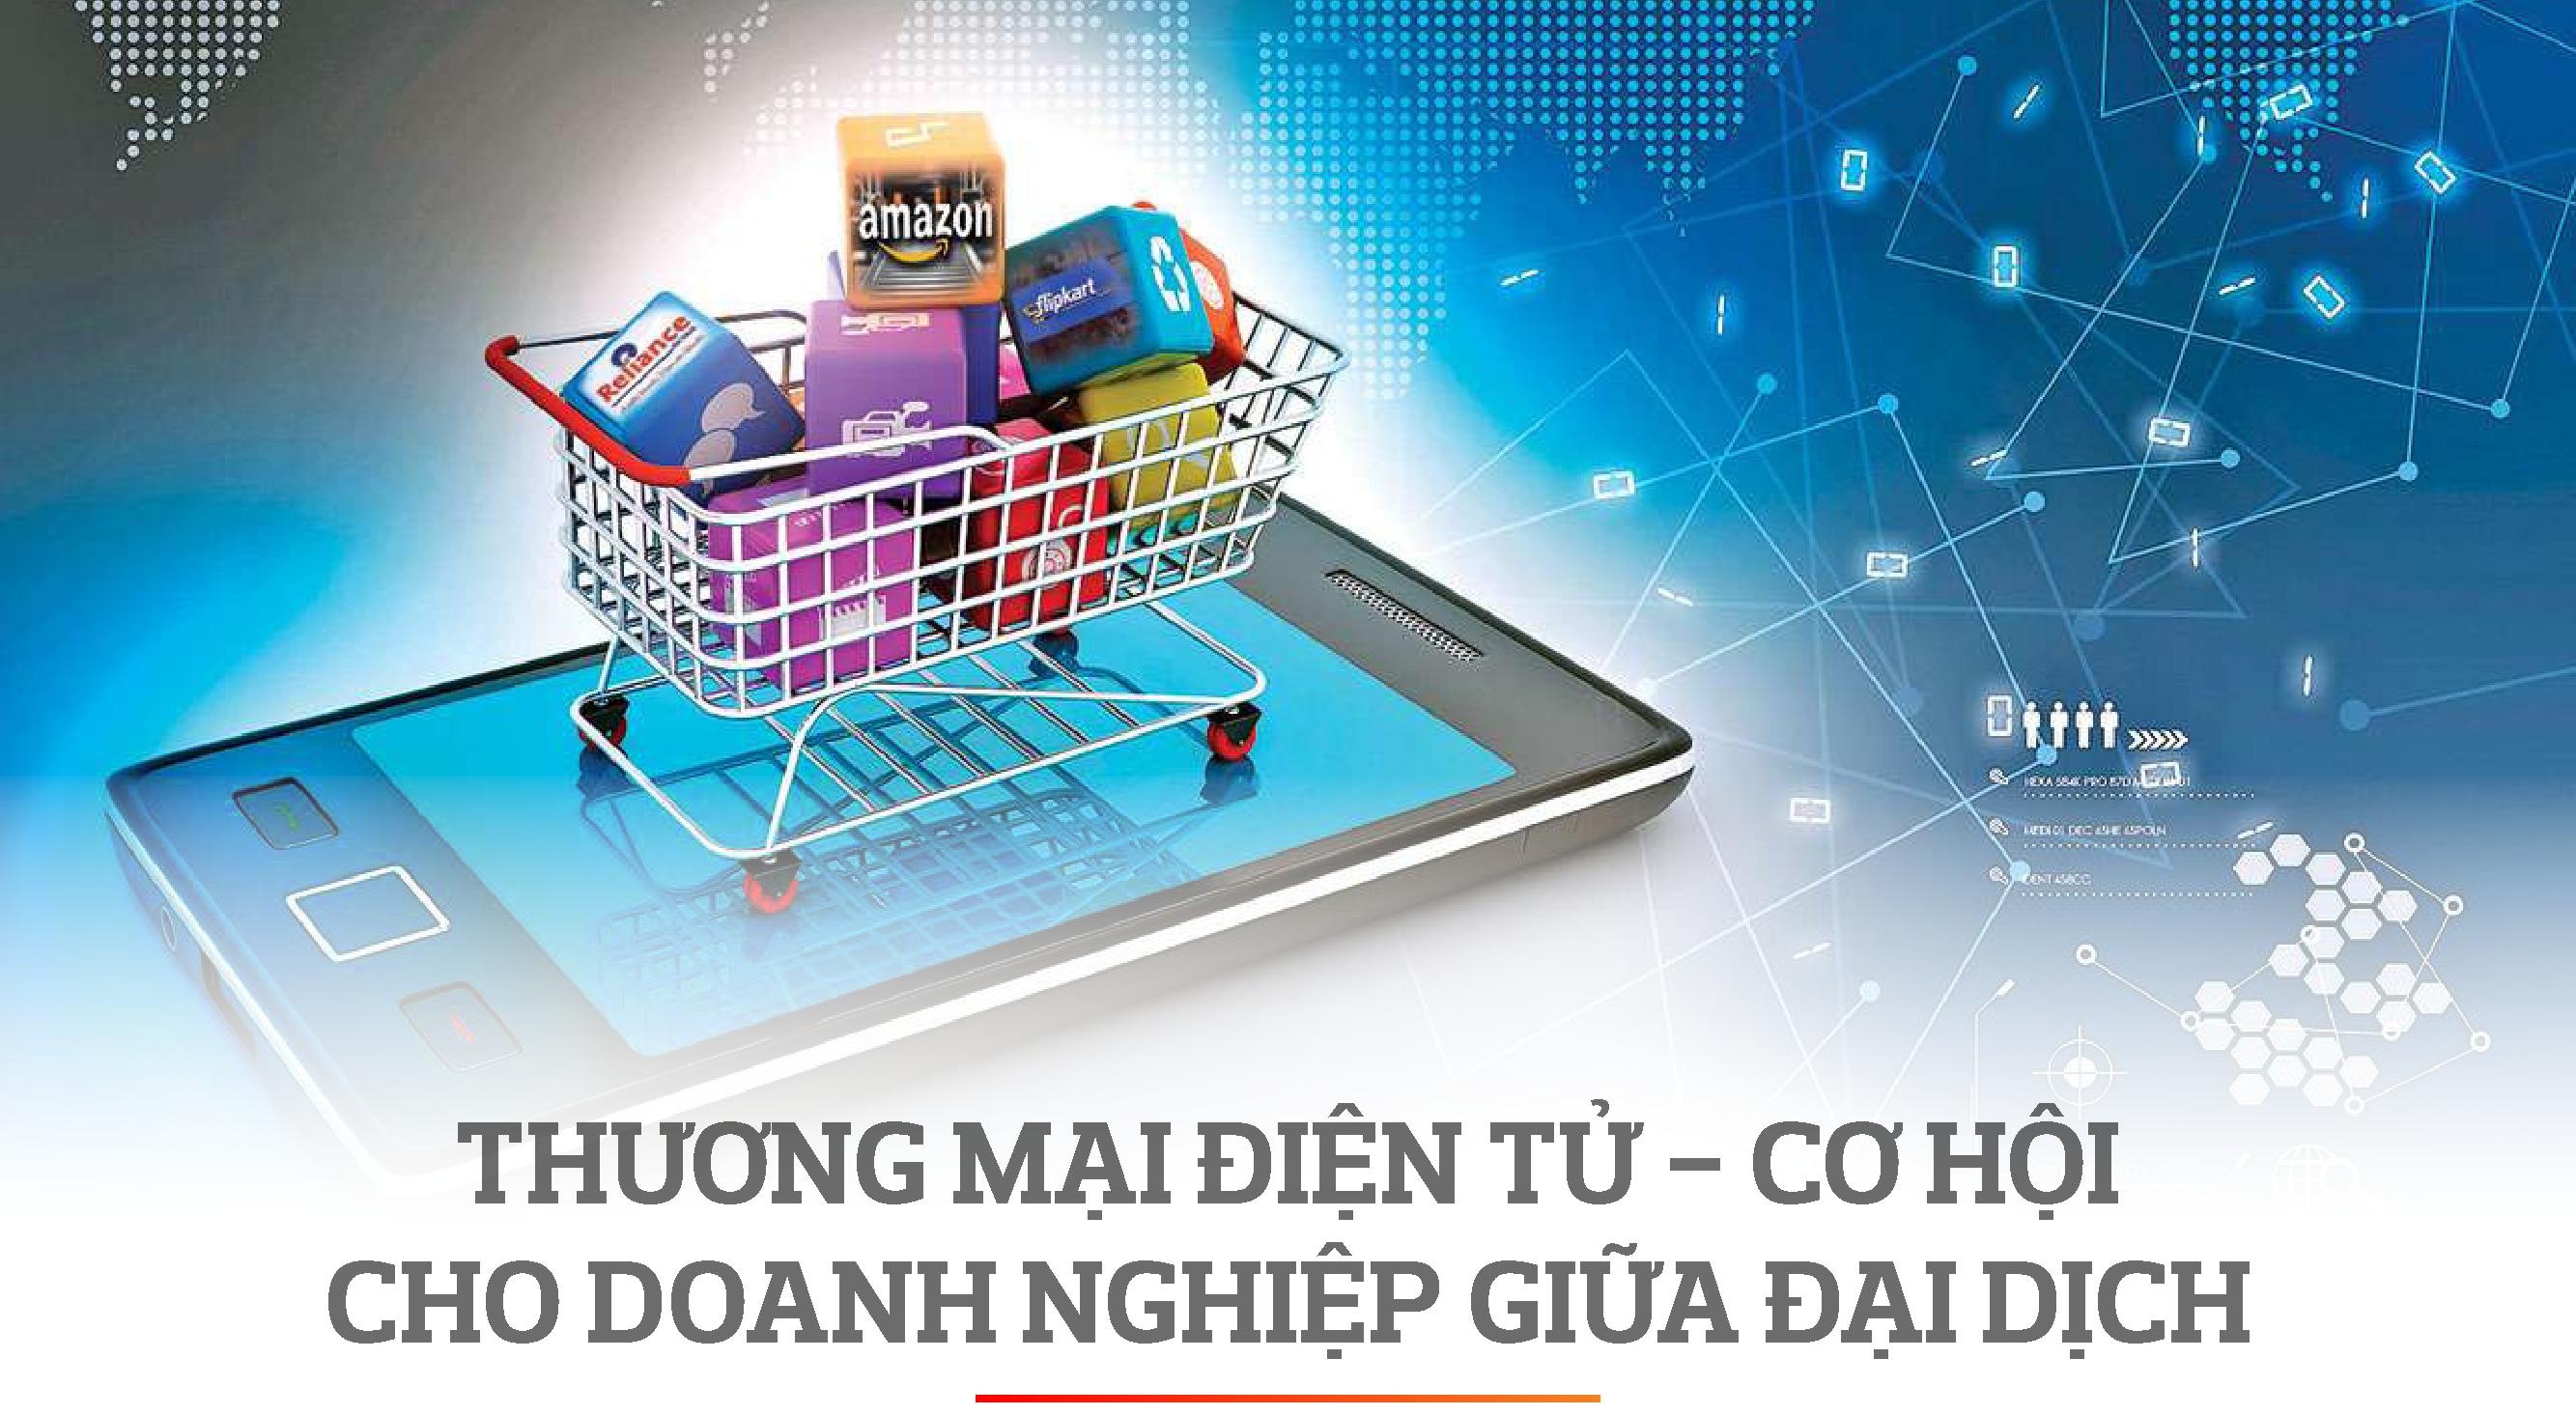 Vượt dịch COVID-19, ngân hàng hỗ trợ doanh nghiệp phát triển thương mại điện tử